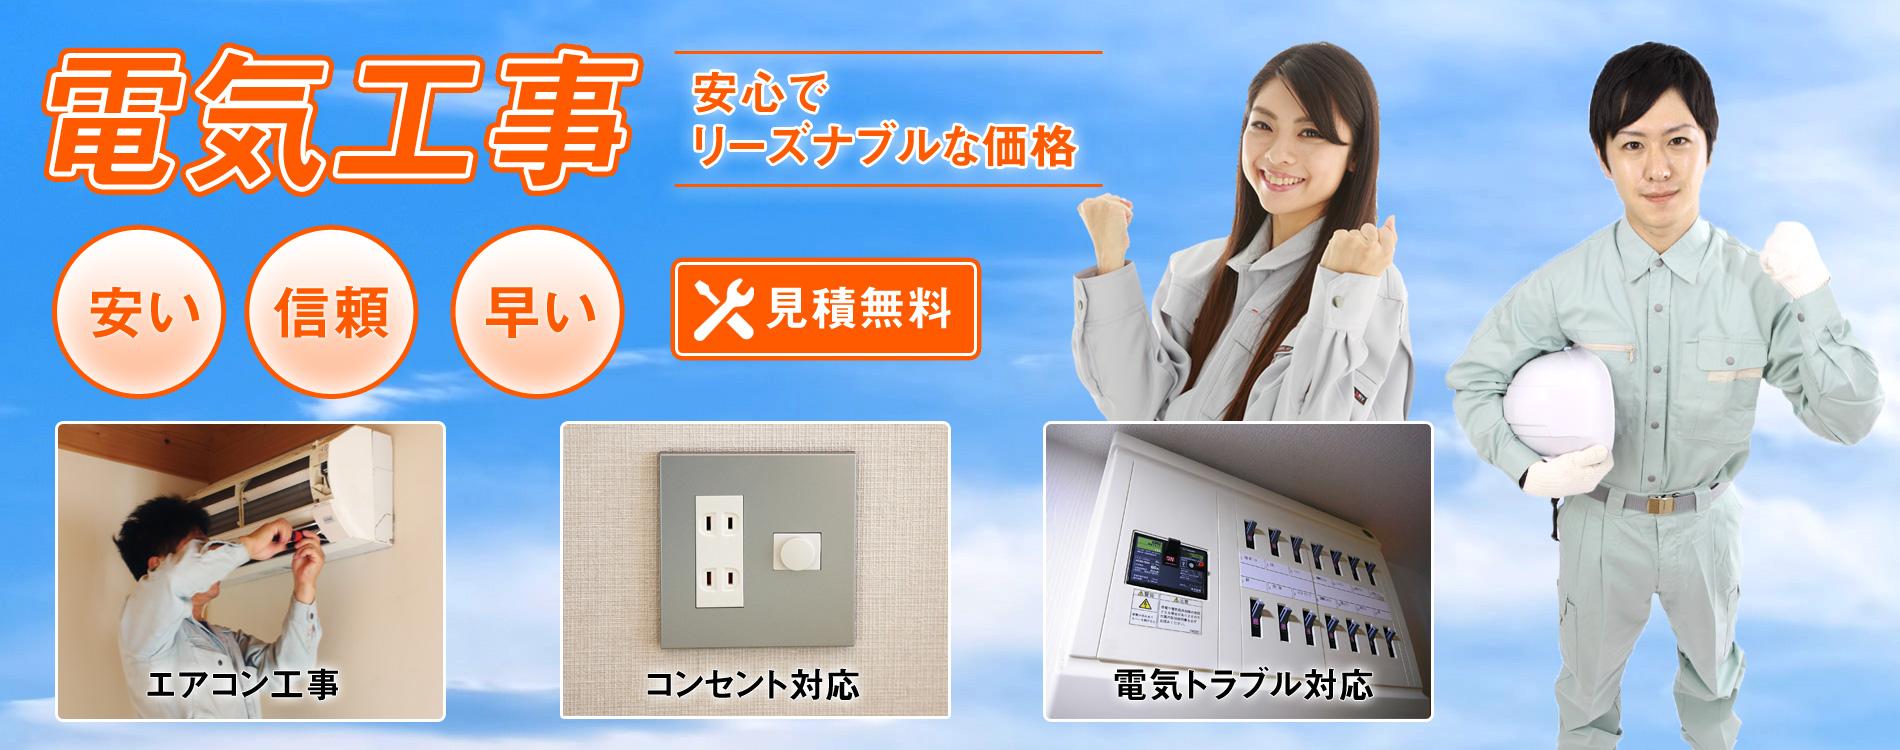 安い、信頼、早い電気工事はまちの電気工事屋さん塙工務店1900 × 750